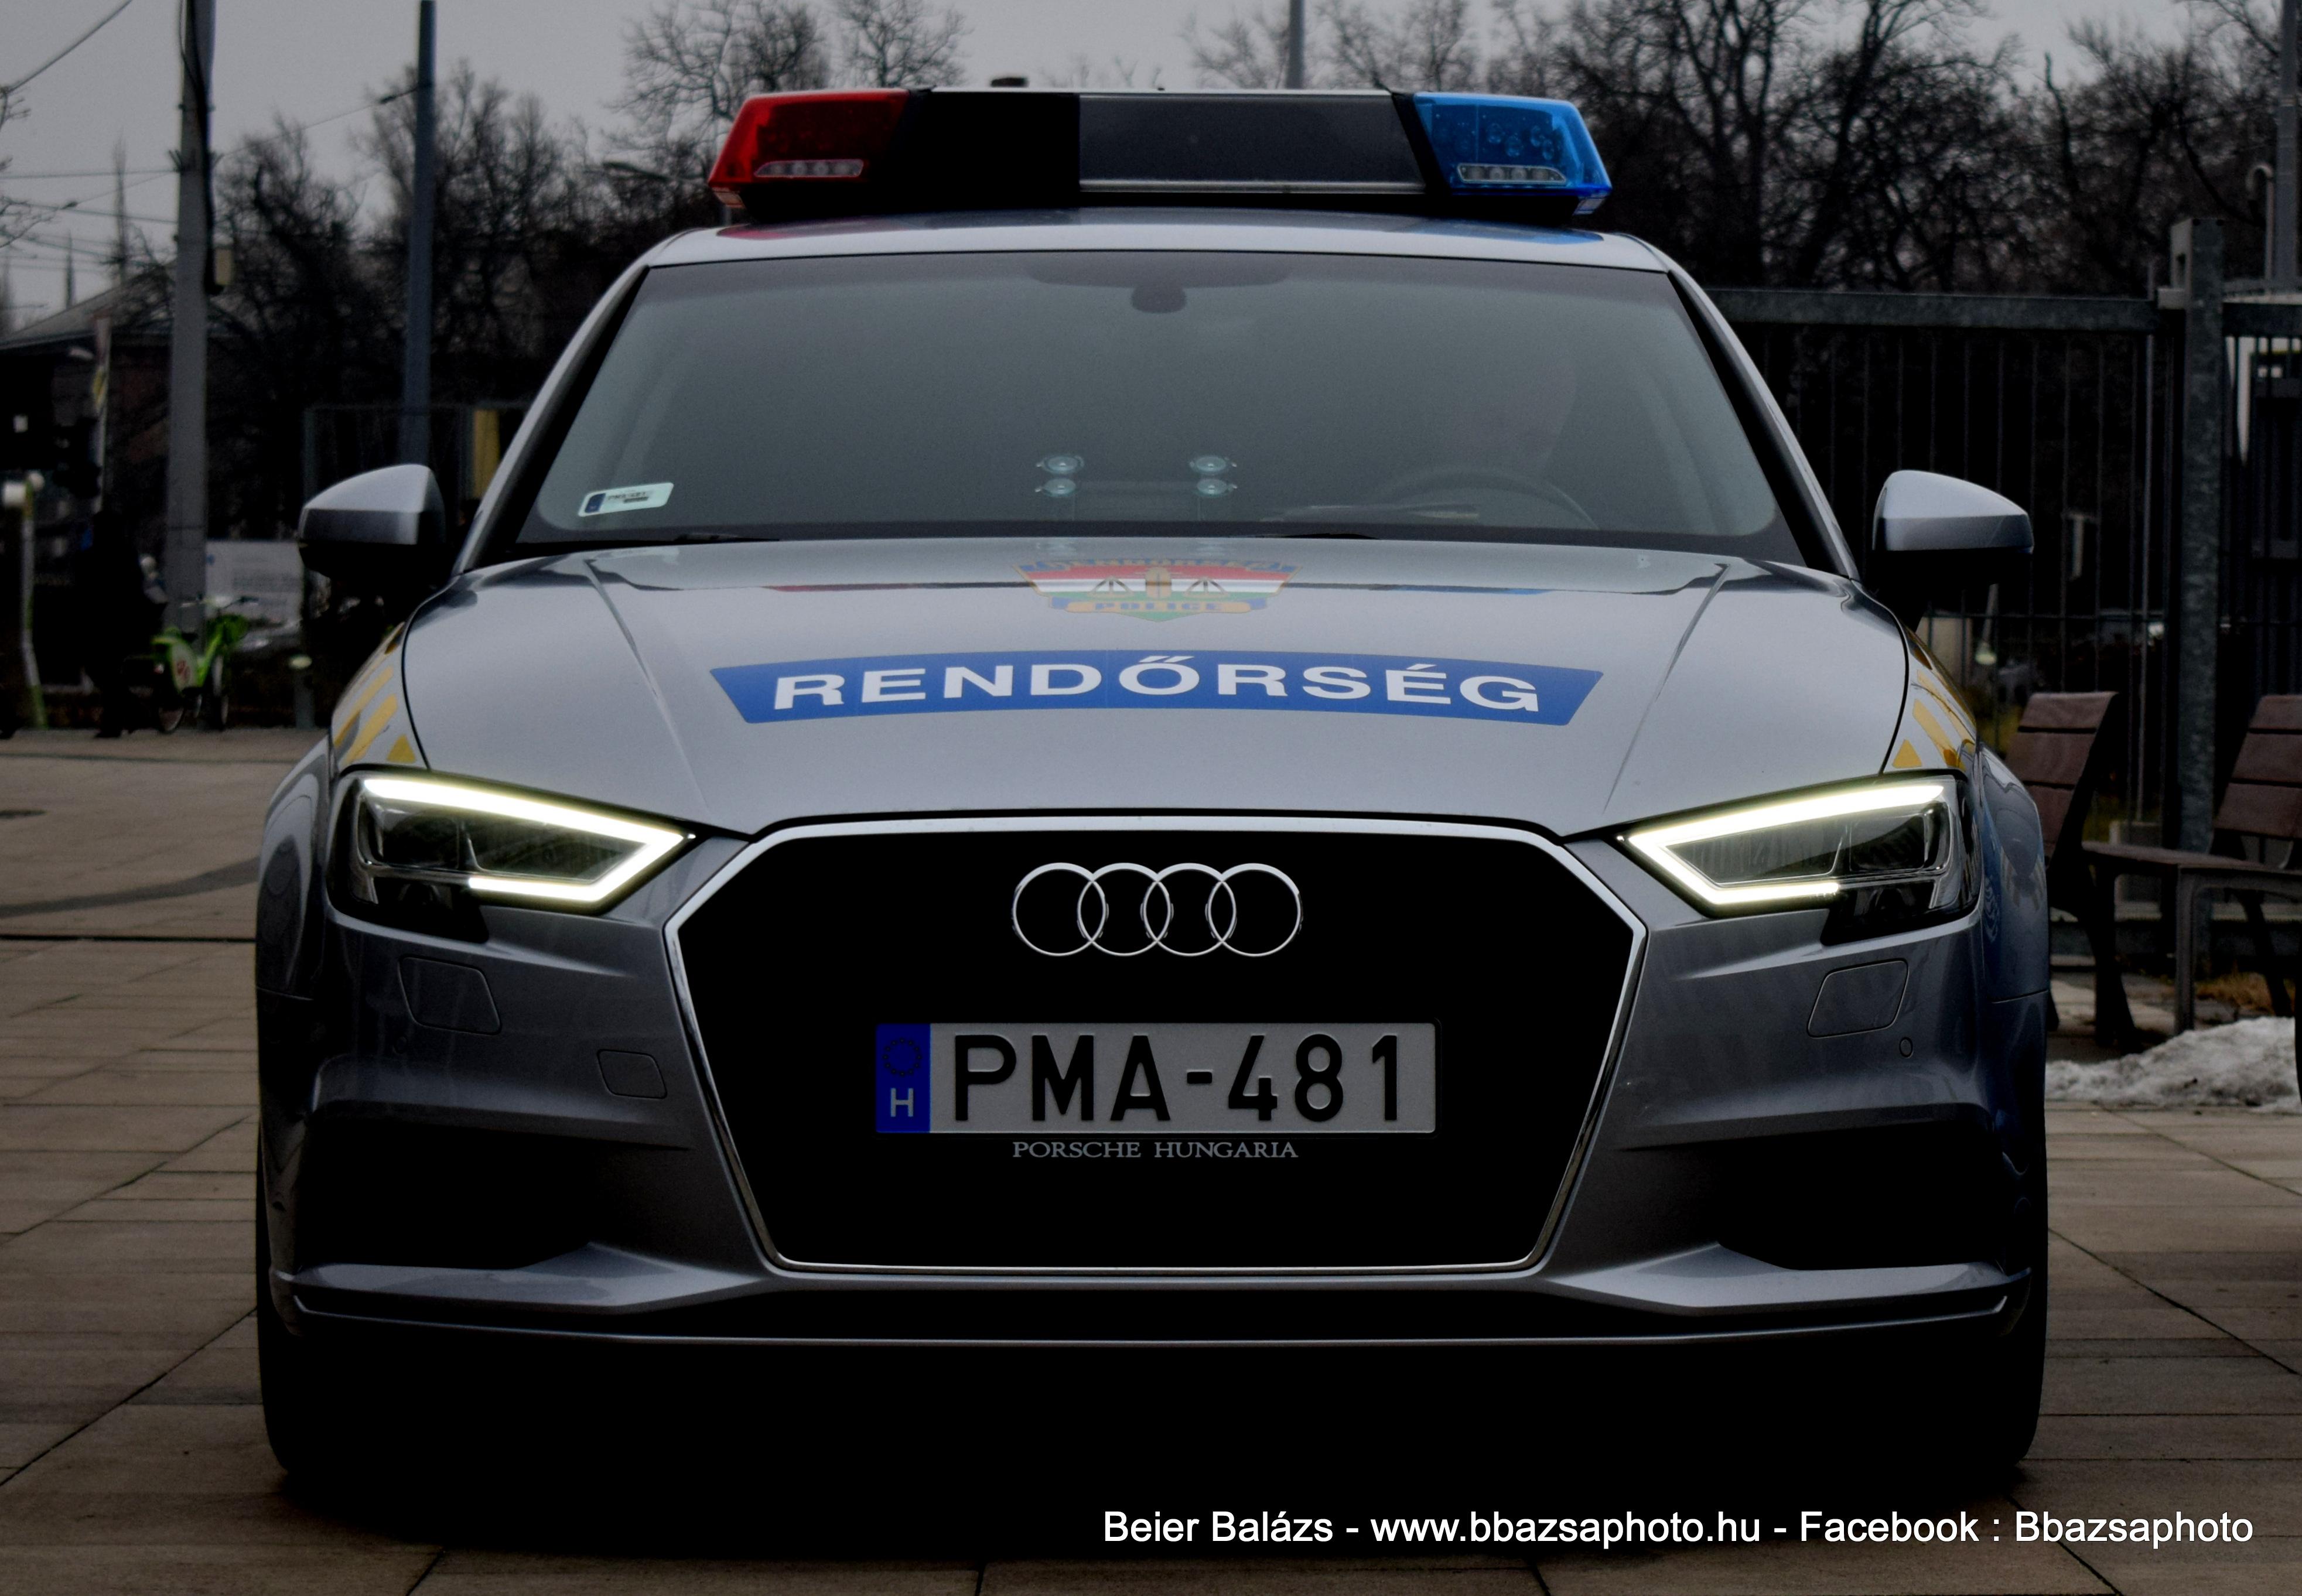 Audi A3 – Készenléti Rendőrség Hella